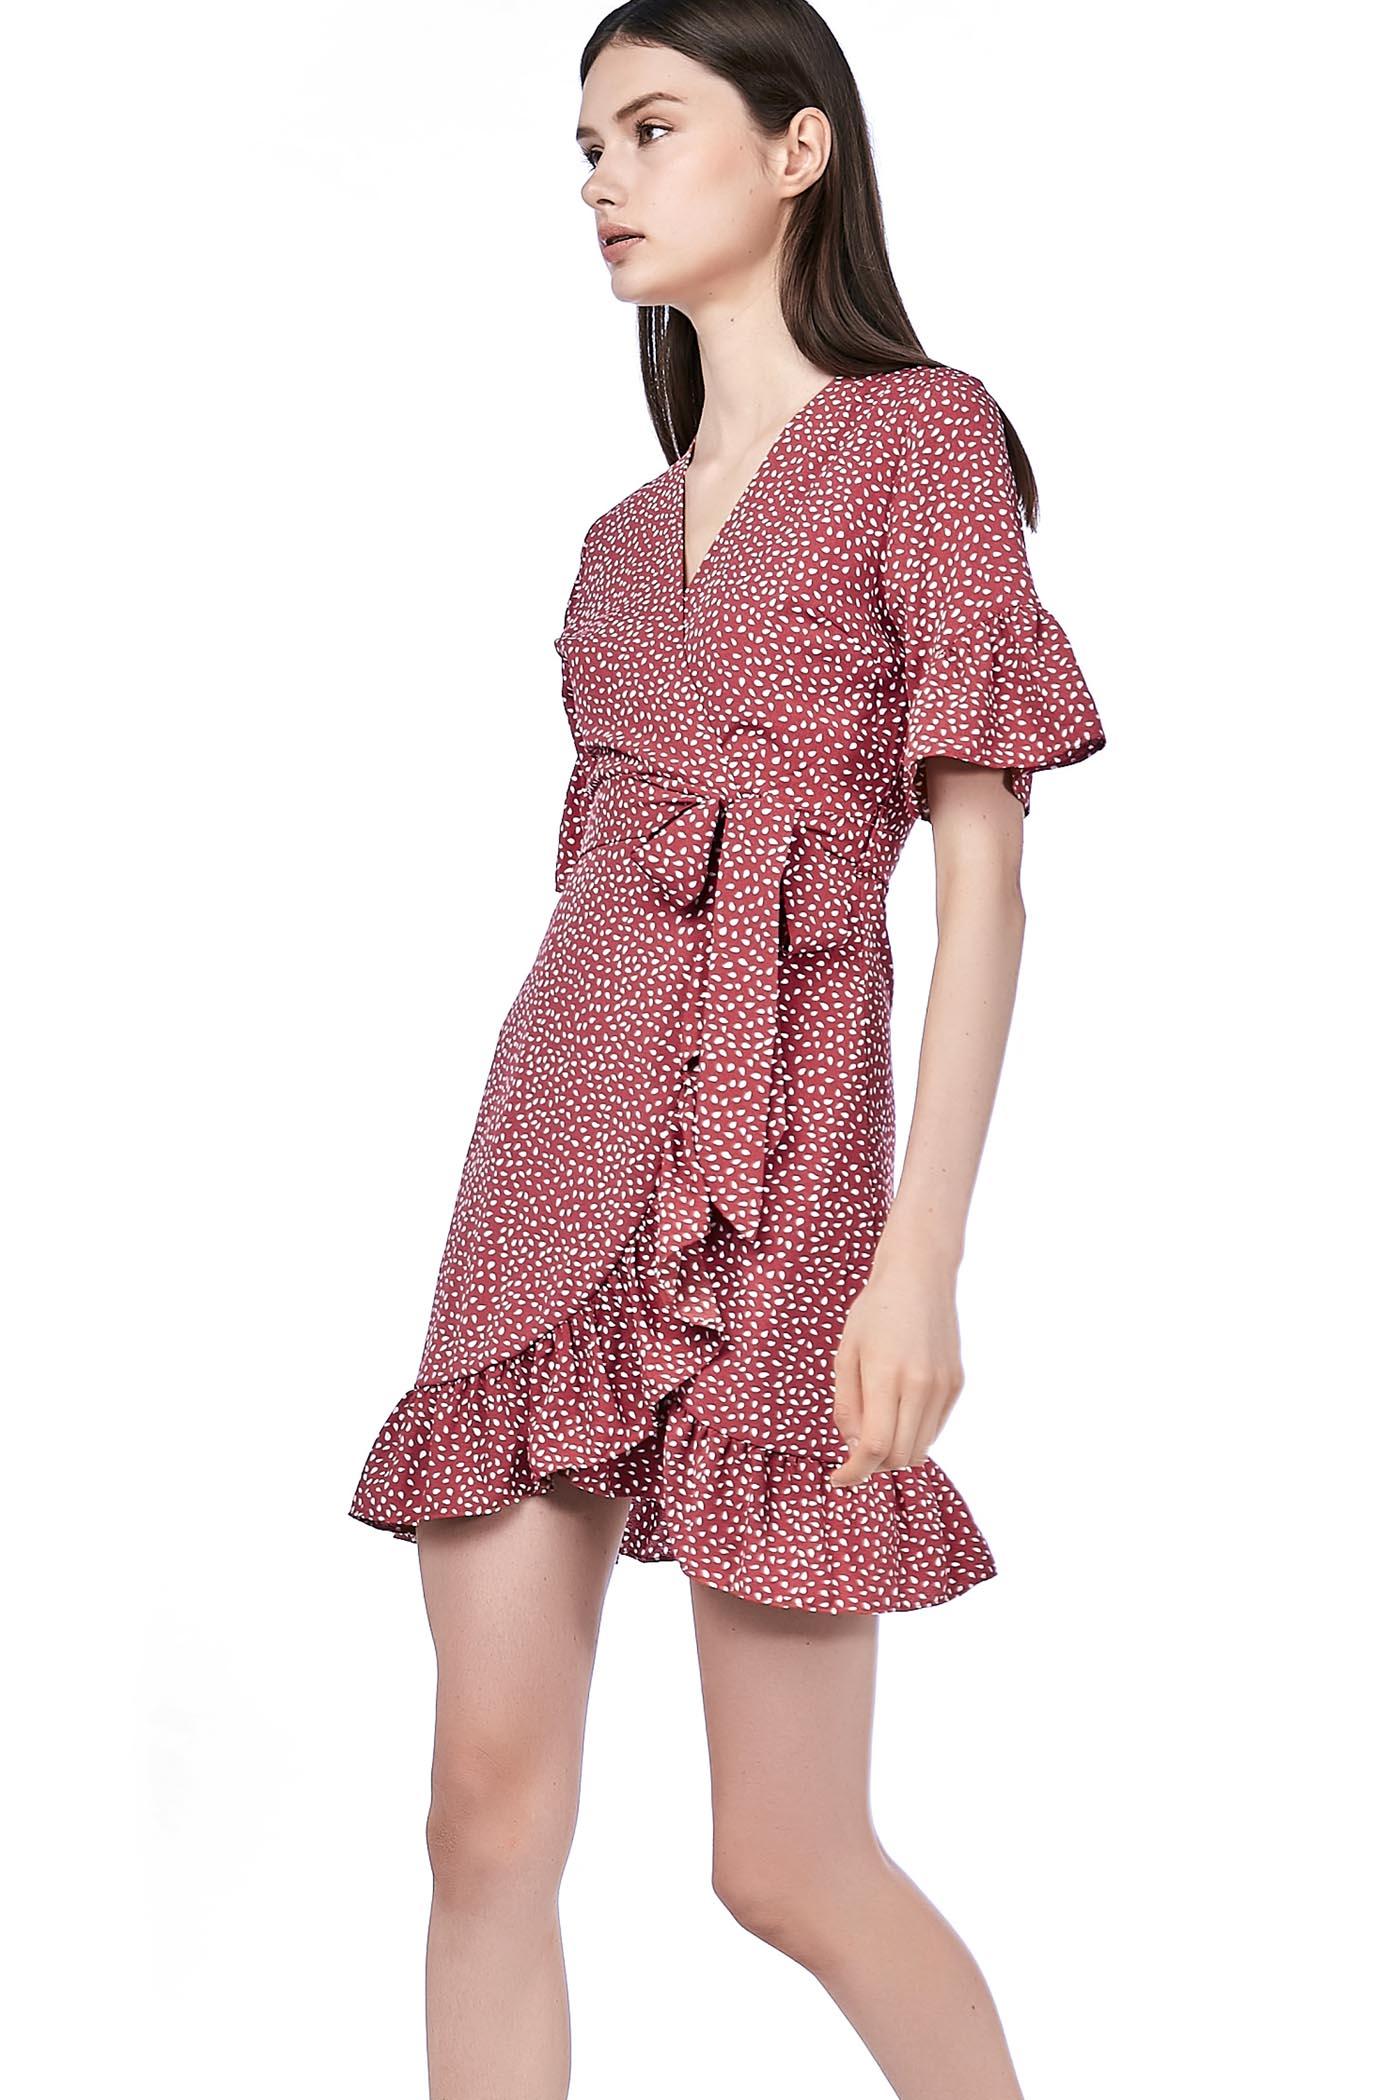 Keshi Overlap Ruffle Dress